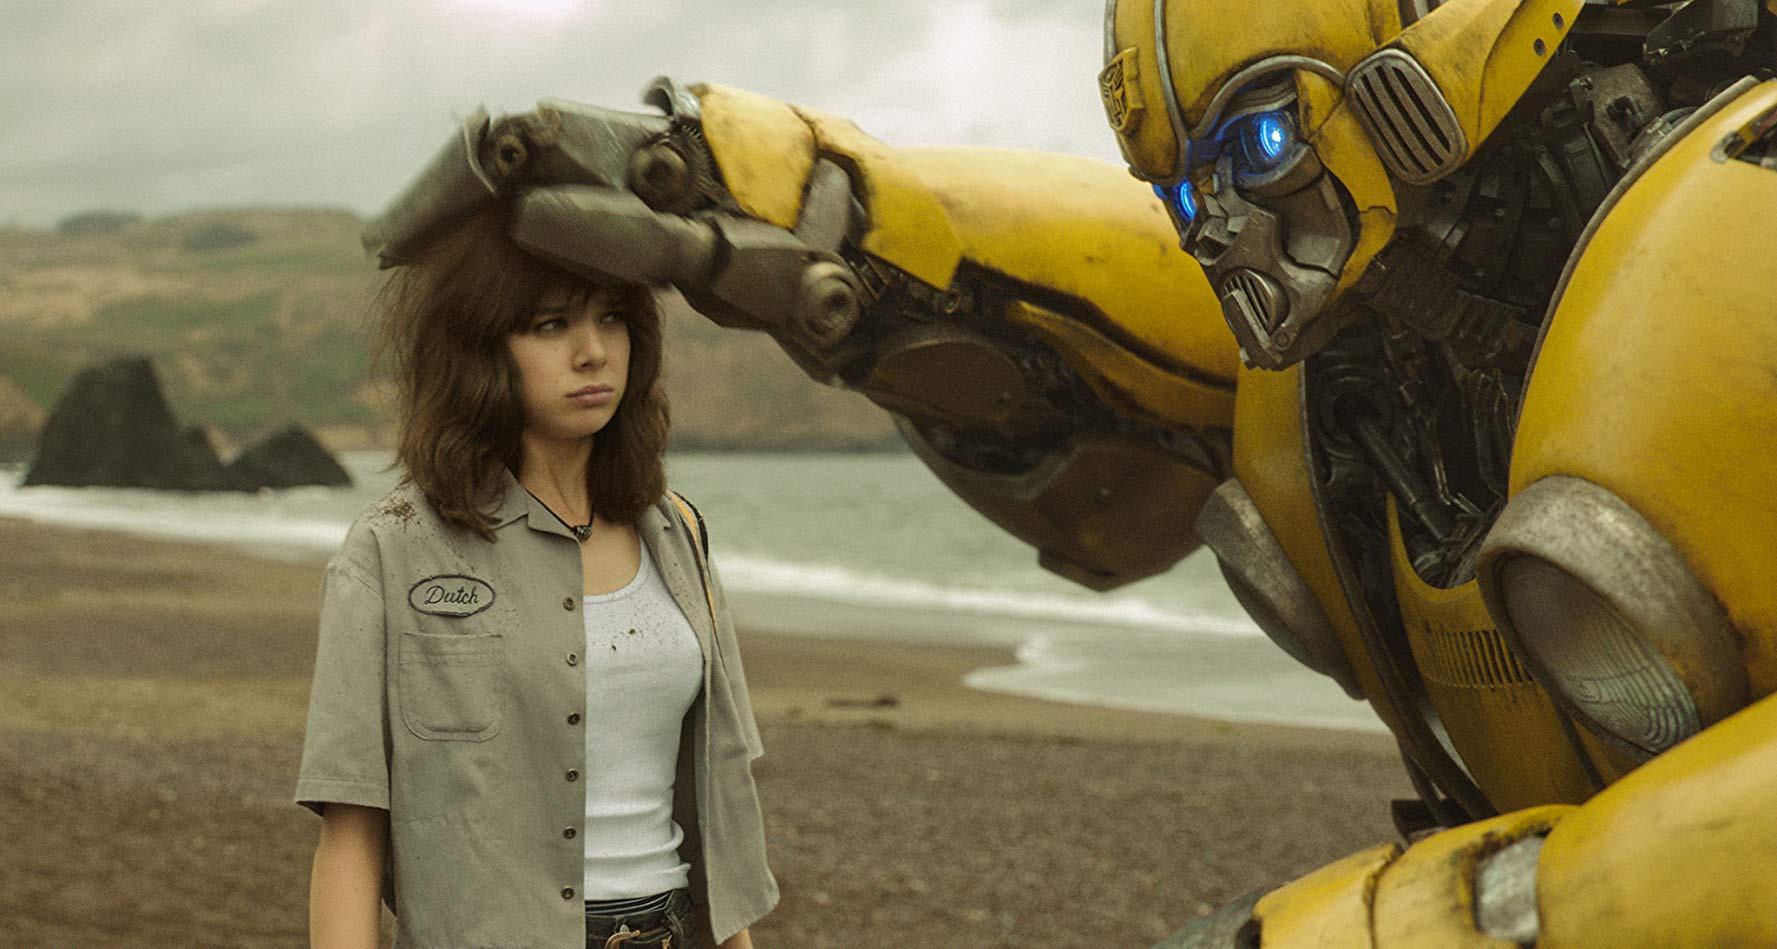 4 điều khiến chú ong nghệ Bumblebee hoàn toàn khác biệt với mọi phần Transformers cũ - Ảnh 4.